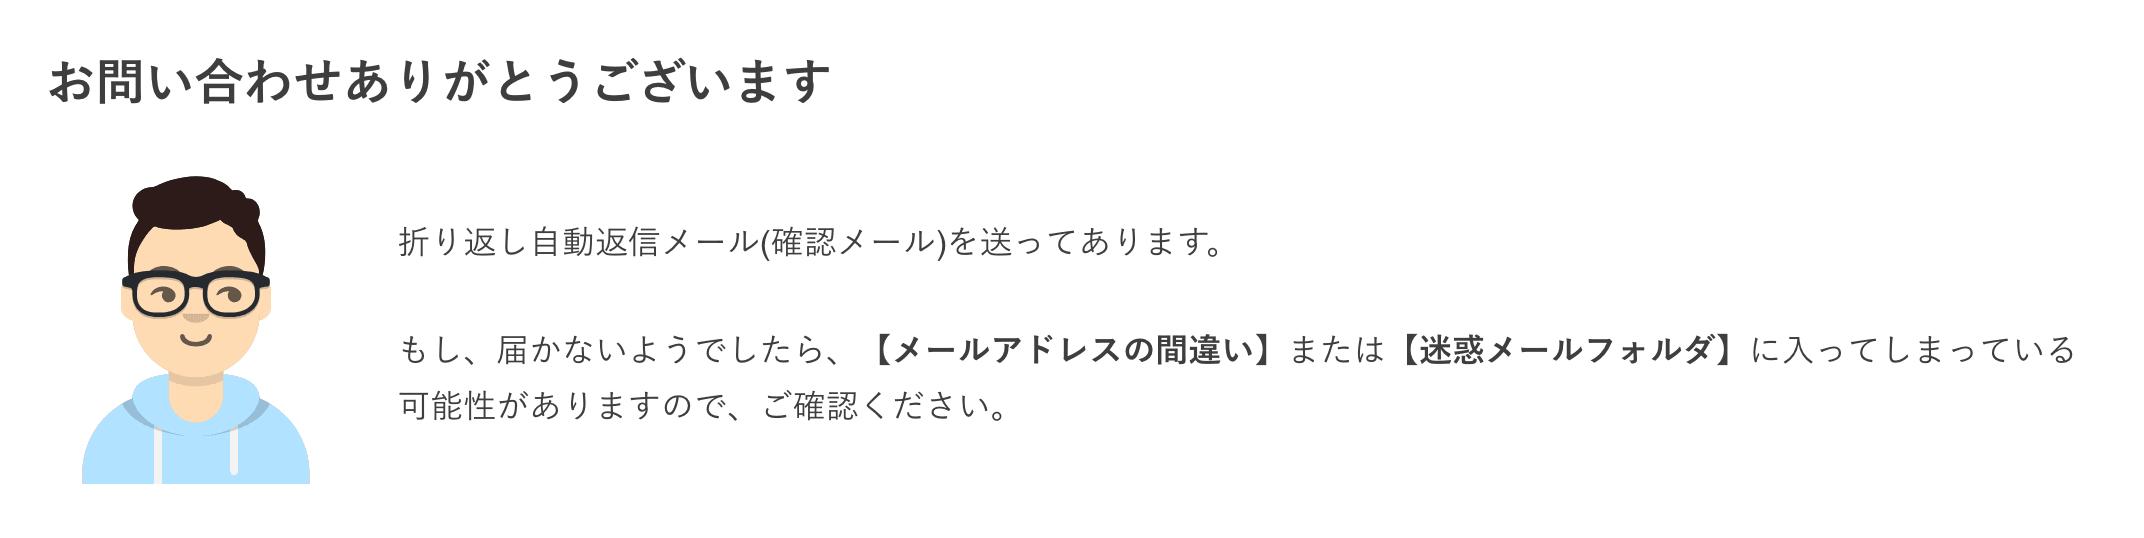 サンクスページサンプル2